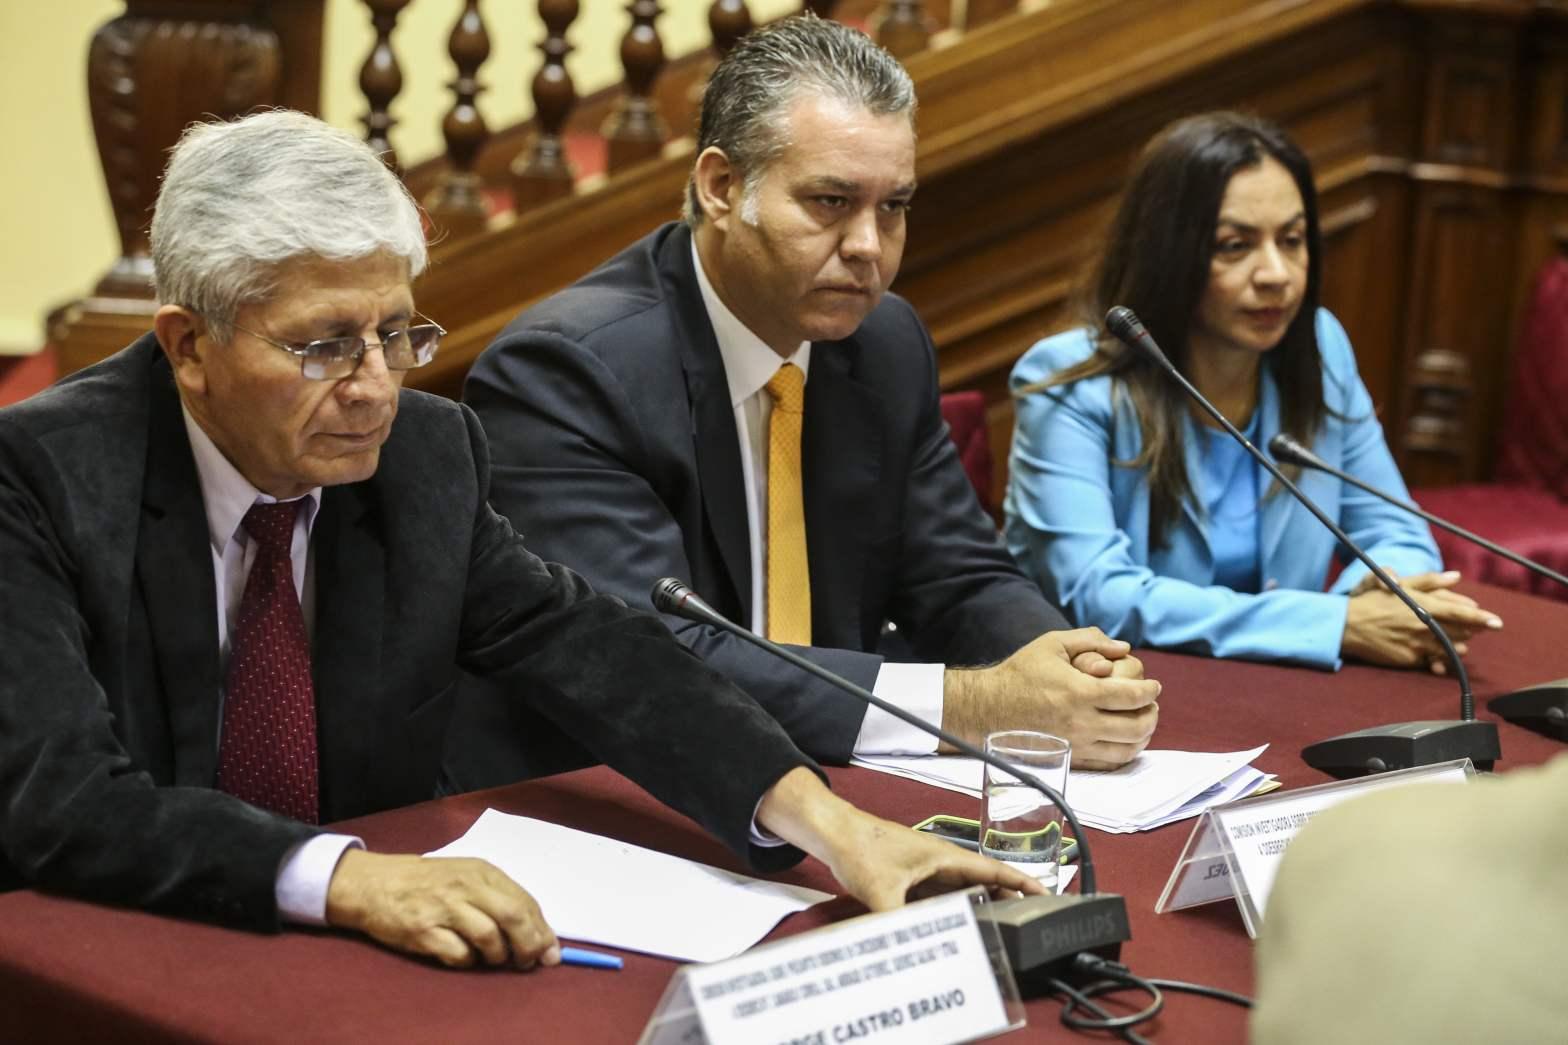 Víctor Albrecht del fujimorismo presidirá comisión Lava Jato